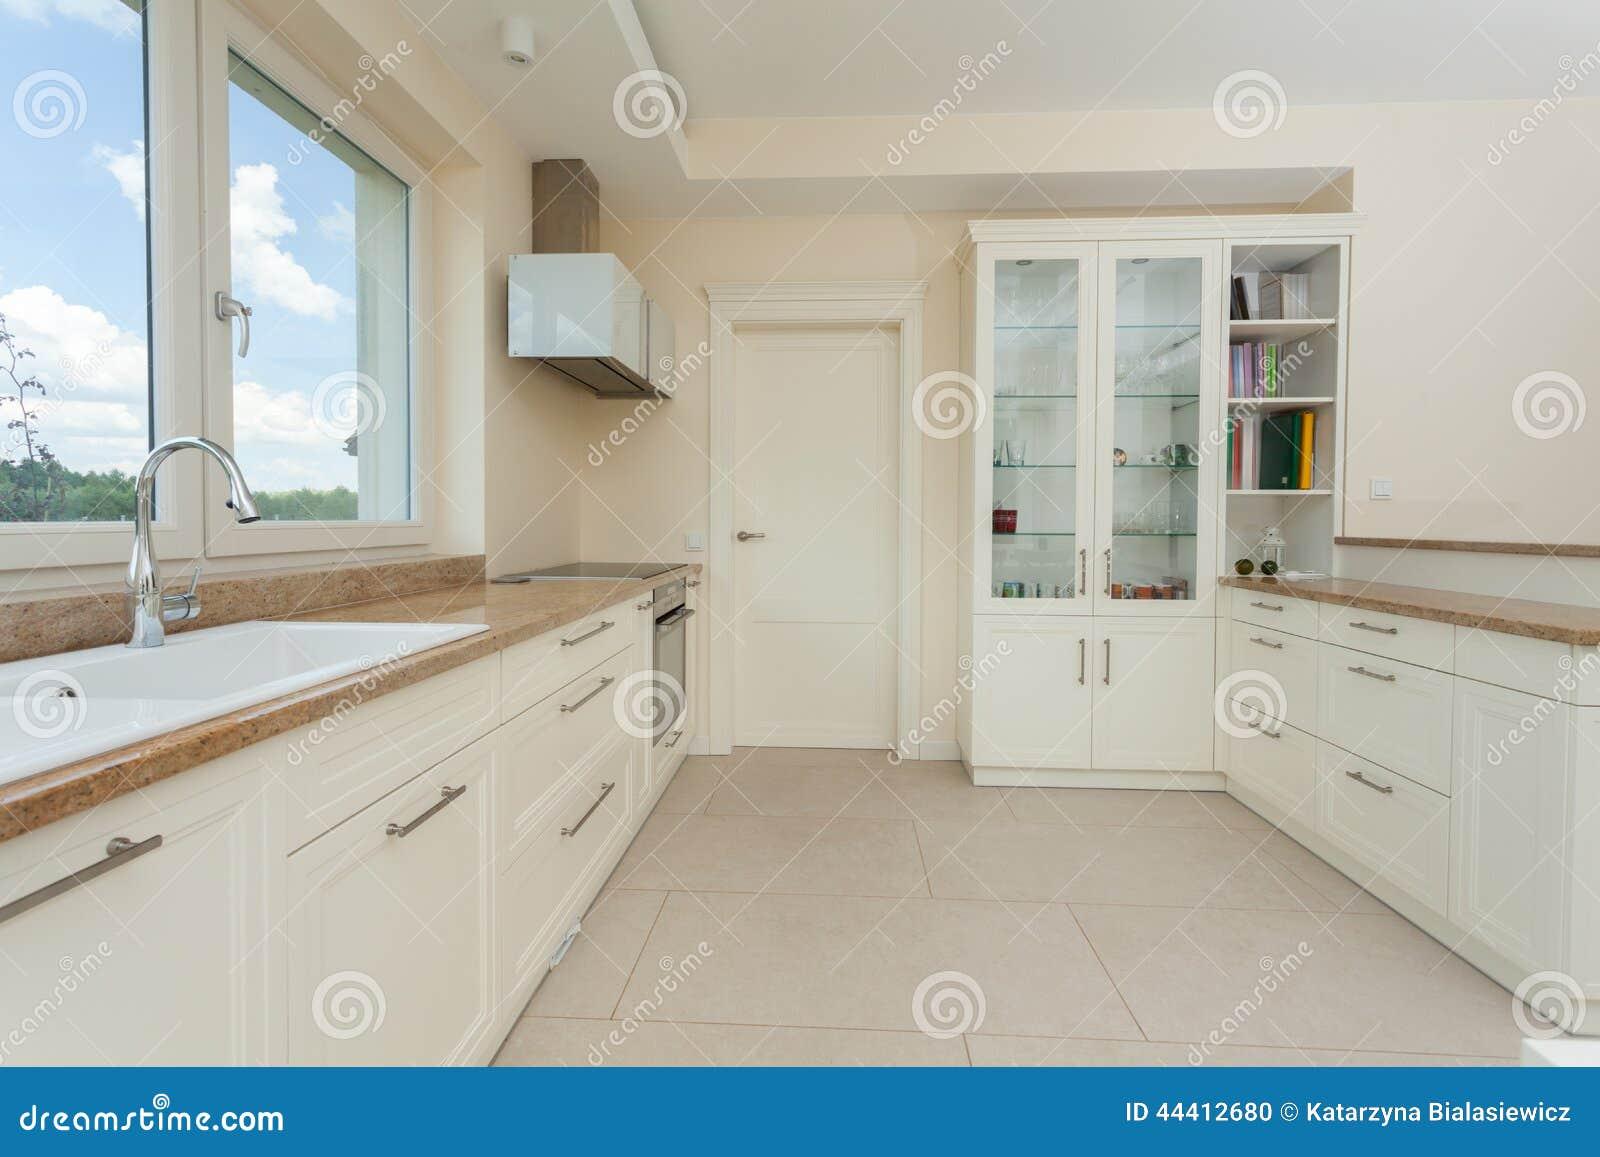 Moderne Weiße Küche Mit Granitoberteilen Stockfoto - Bild: 44412680